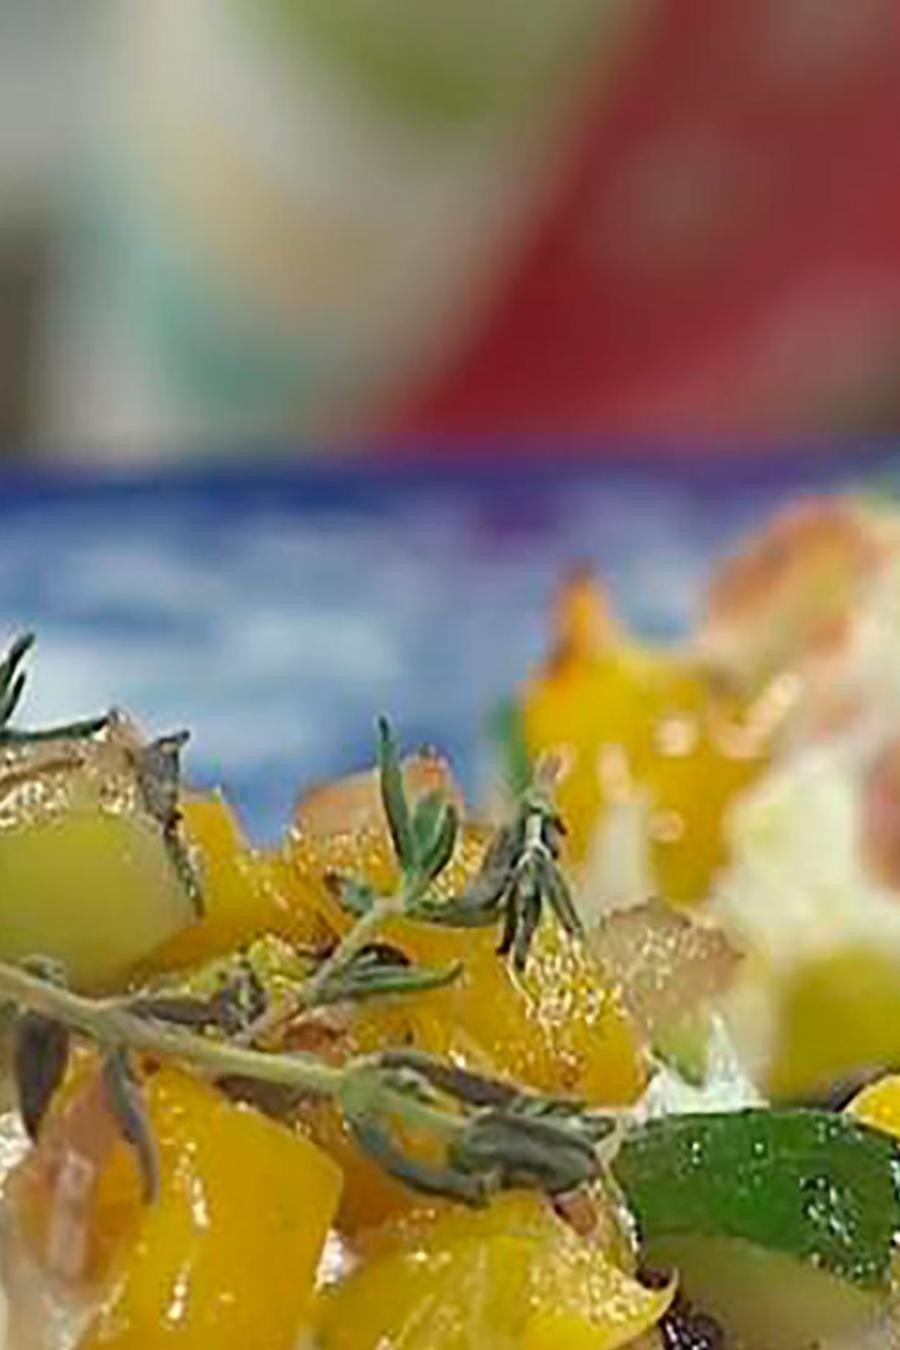 Recetas de cocina: Cómo hacer unos Hongos Rellenos con Vegetales y Queso Oaxaca